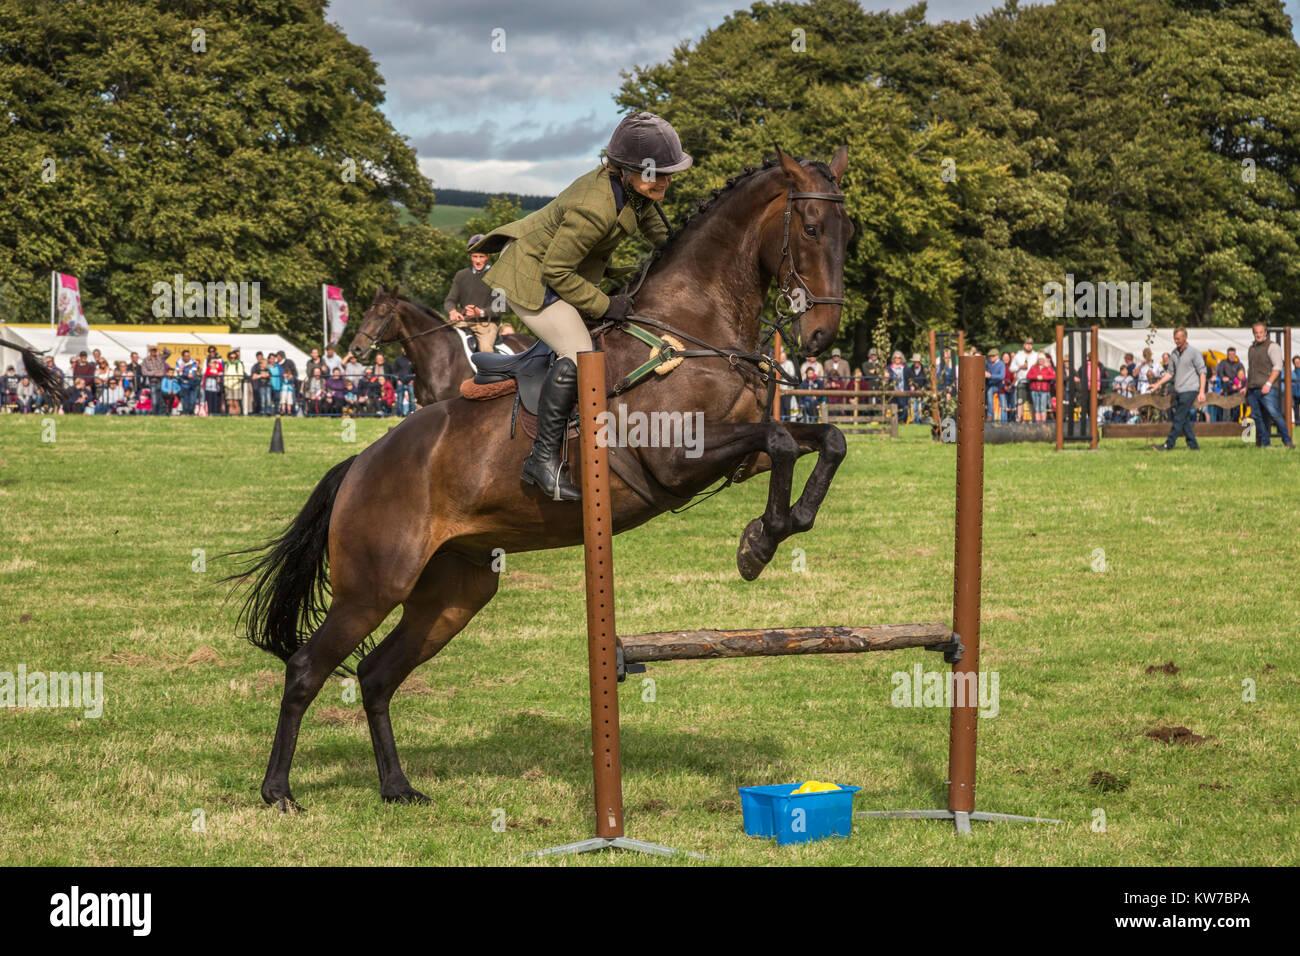 Show Jumping, Bellingham Show, Bellingham, Northumberland, Reino Unido, agosto de 2017 Imagen De Stock